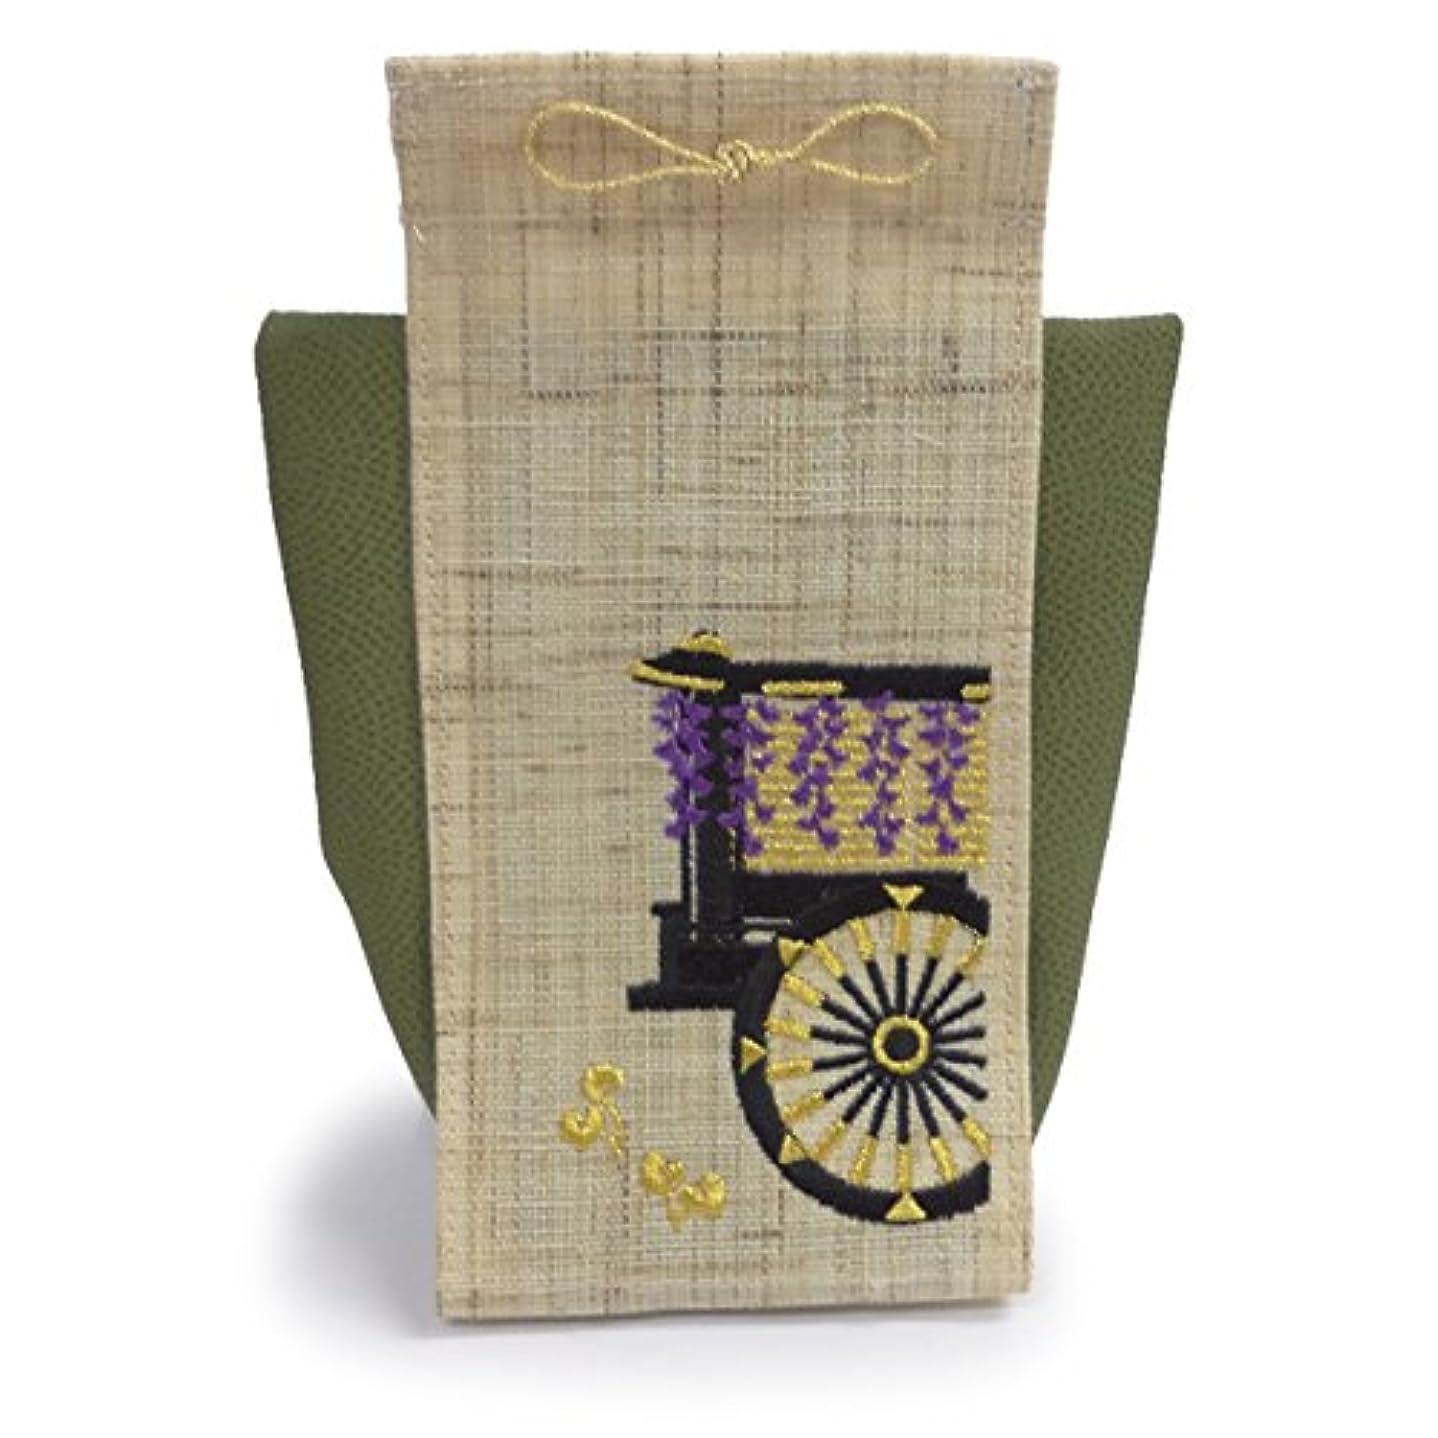 機転いつ平らにする香飾り 京の風物詩 葵祭